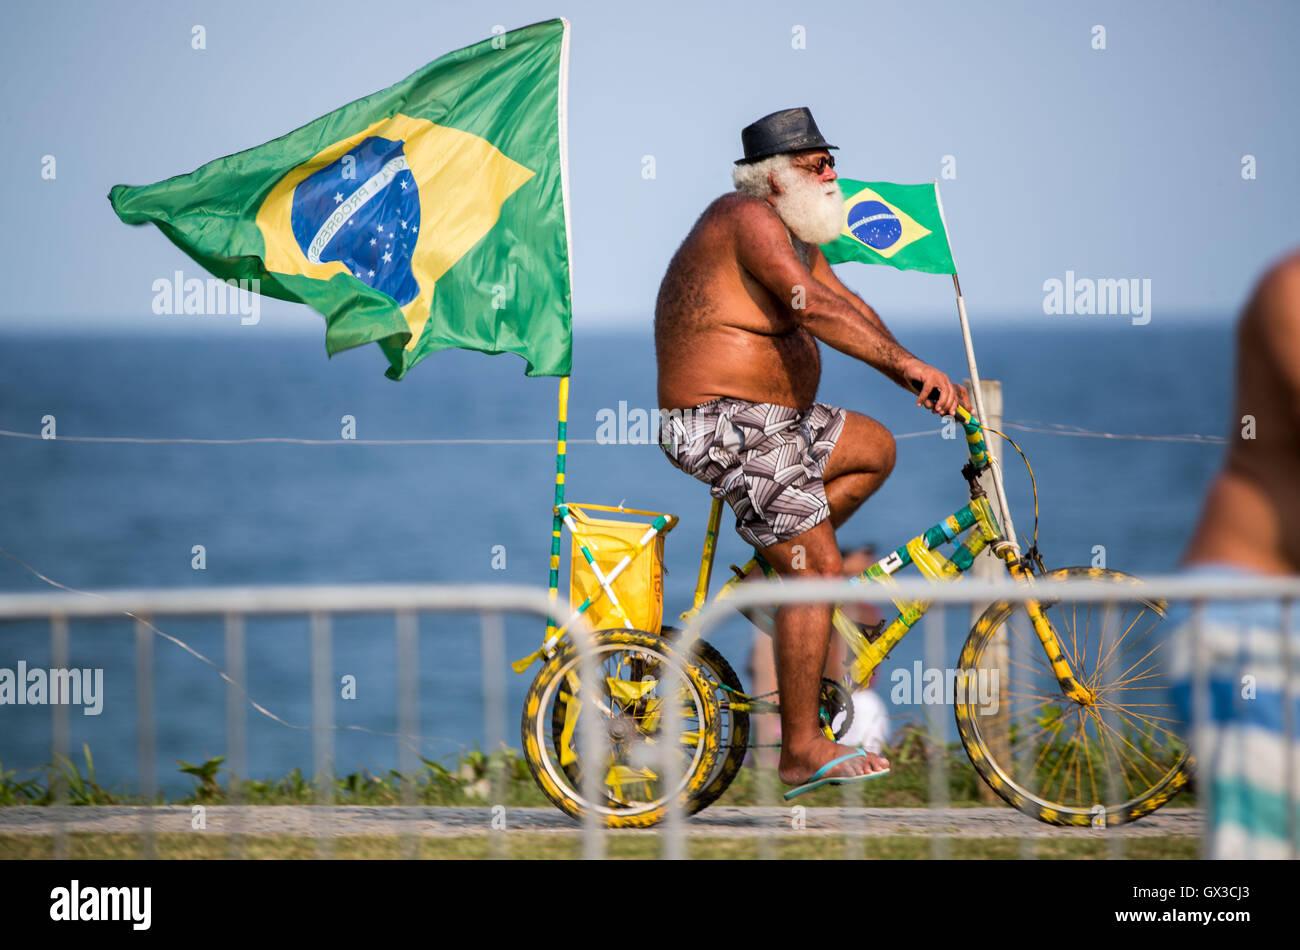 Rio de Janeiro, Brazil. 14th September, 2016. An old Brazilian rides ...